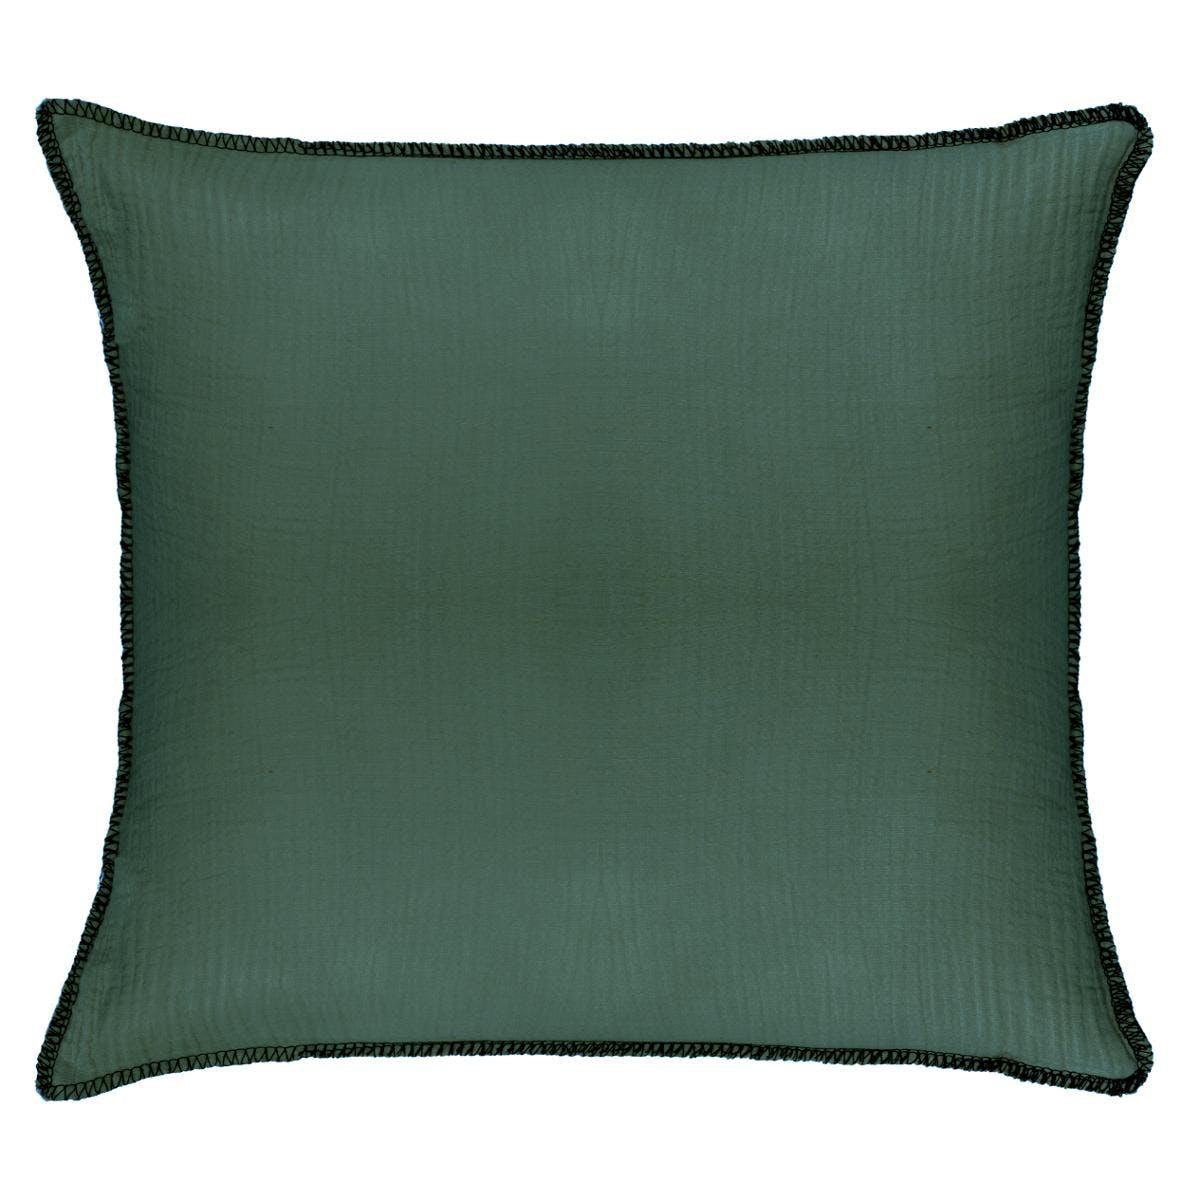 Coussin surpiqure vert cèdre